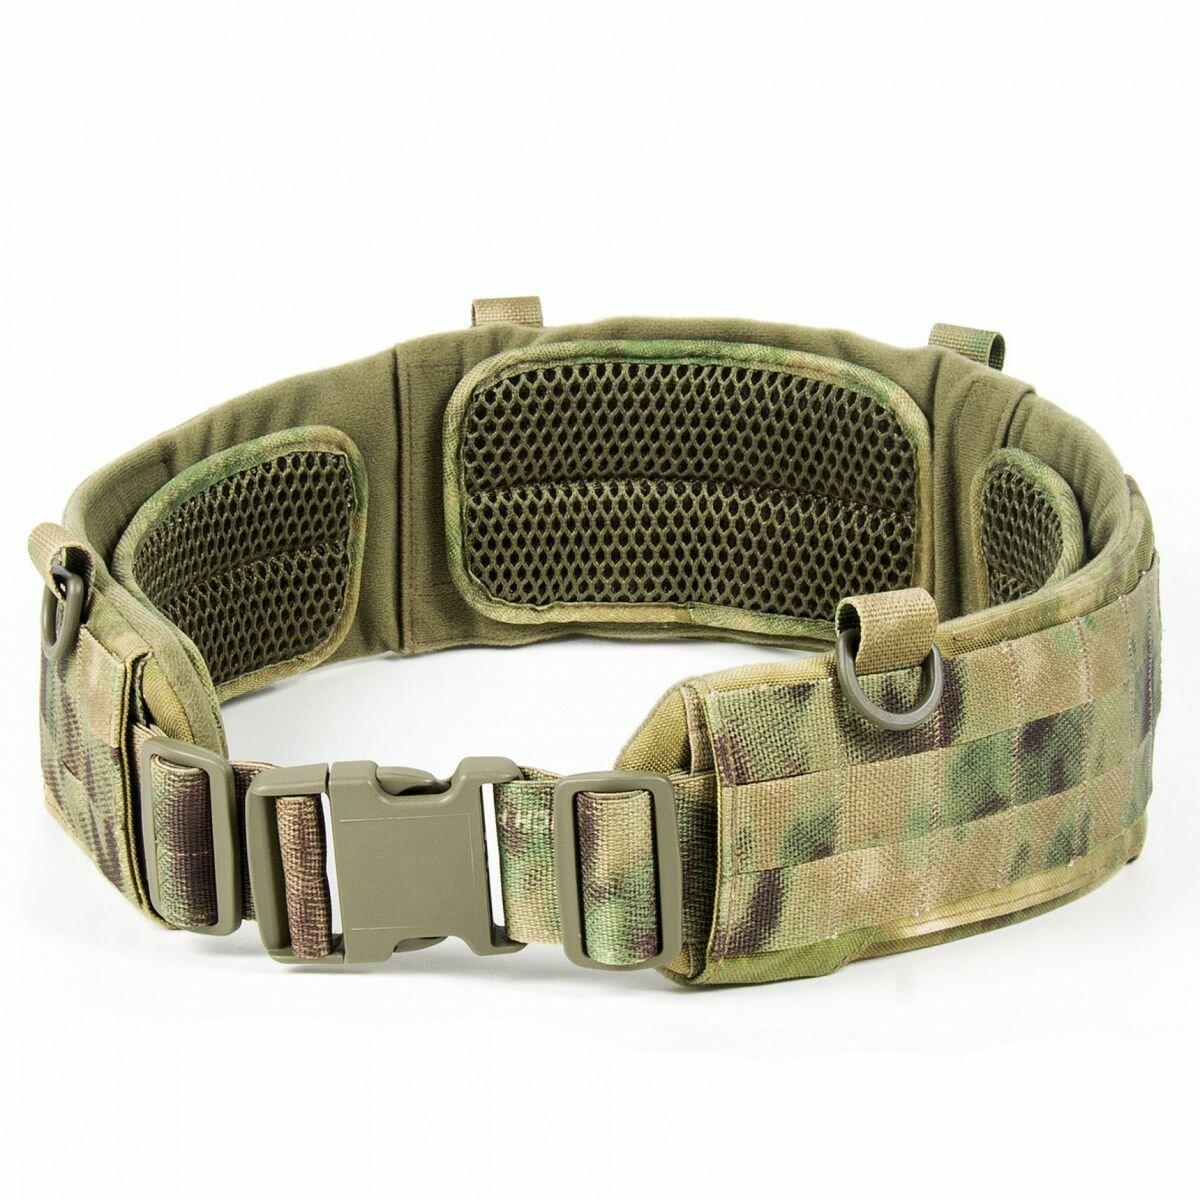 Бандаж тактический Stich Belt (molle) (Размер: 80 см, Цвет: Койот, ИК ремиссия: Нет)